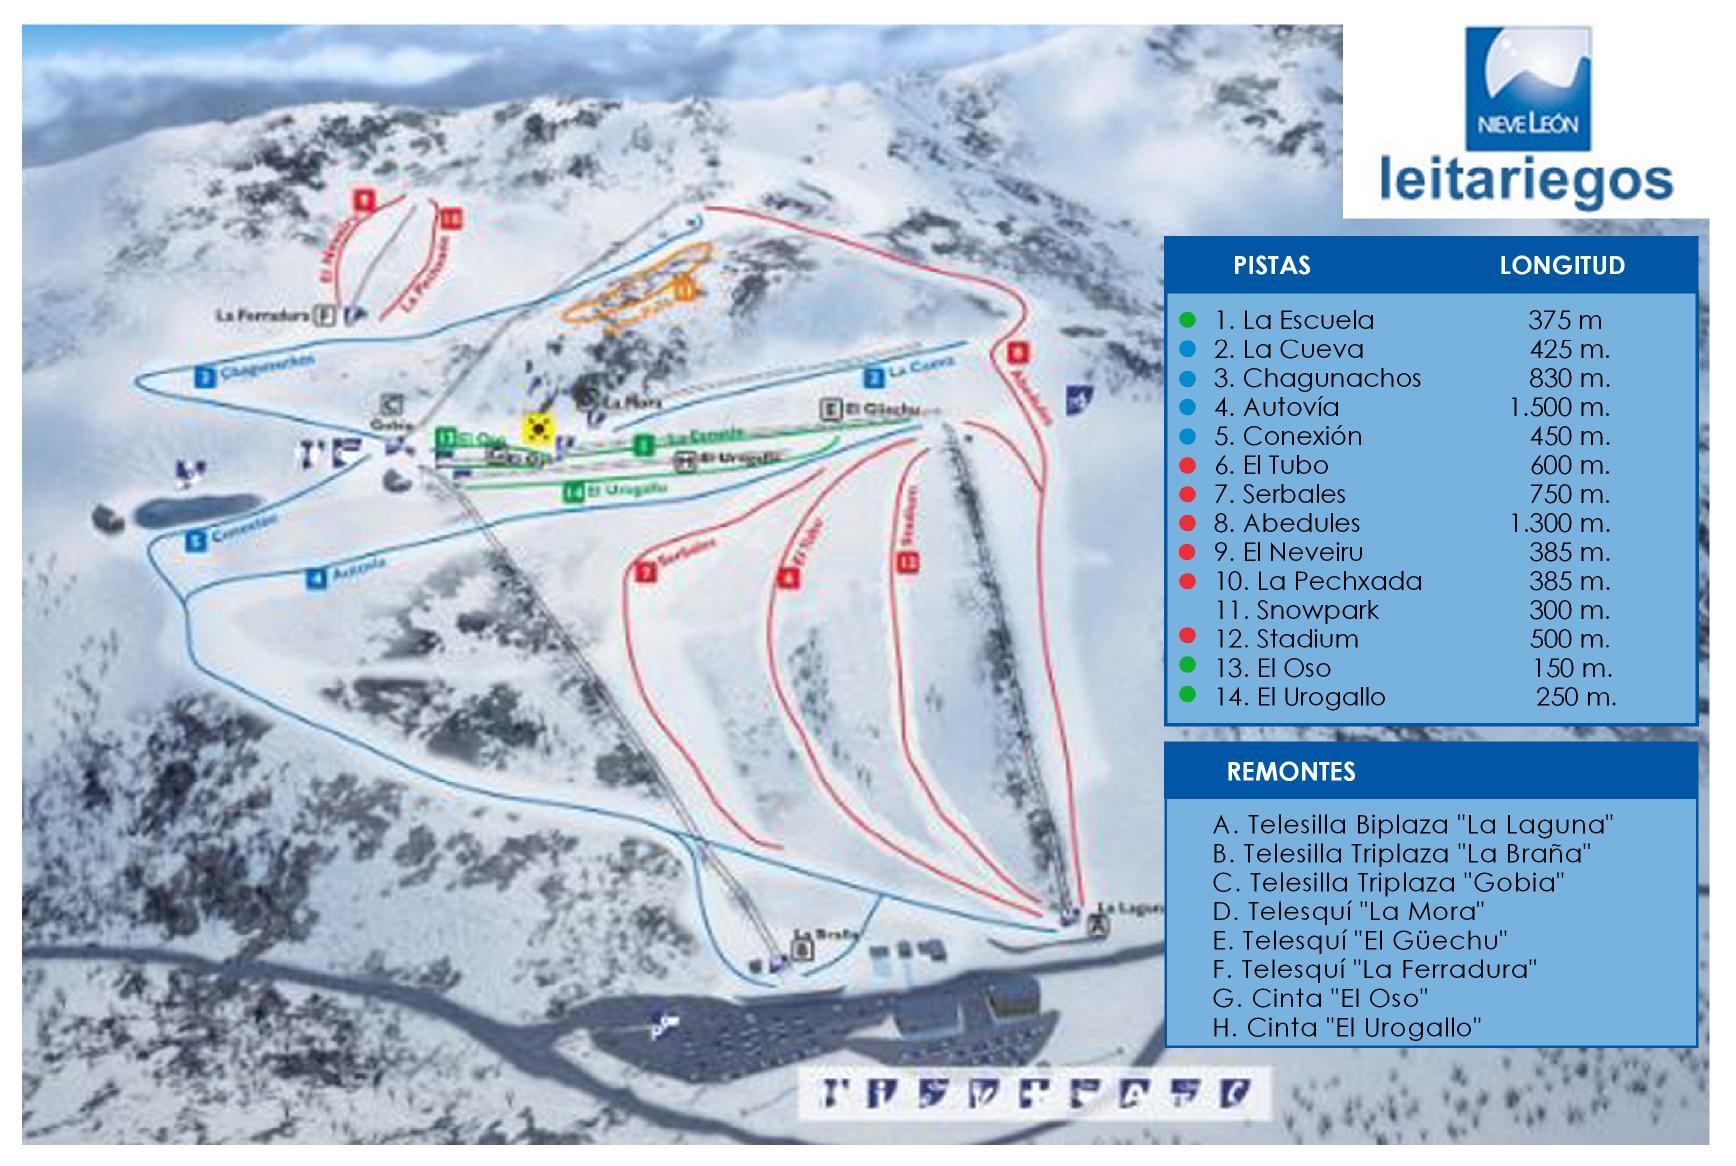 pistas estación esqui y snow leitariegos